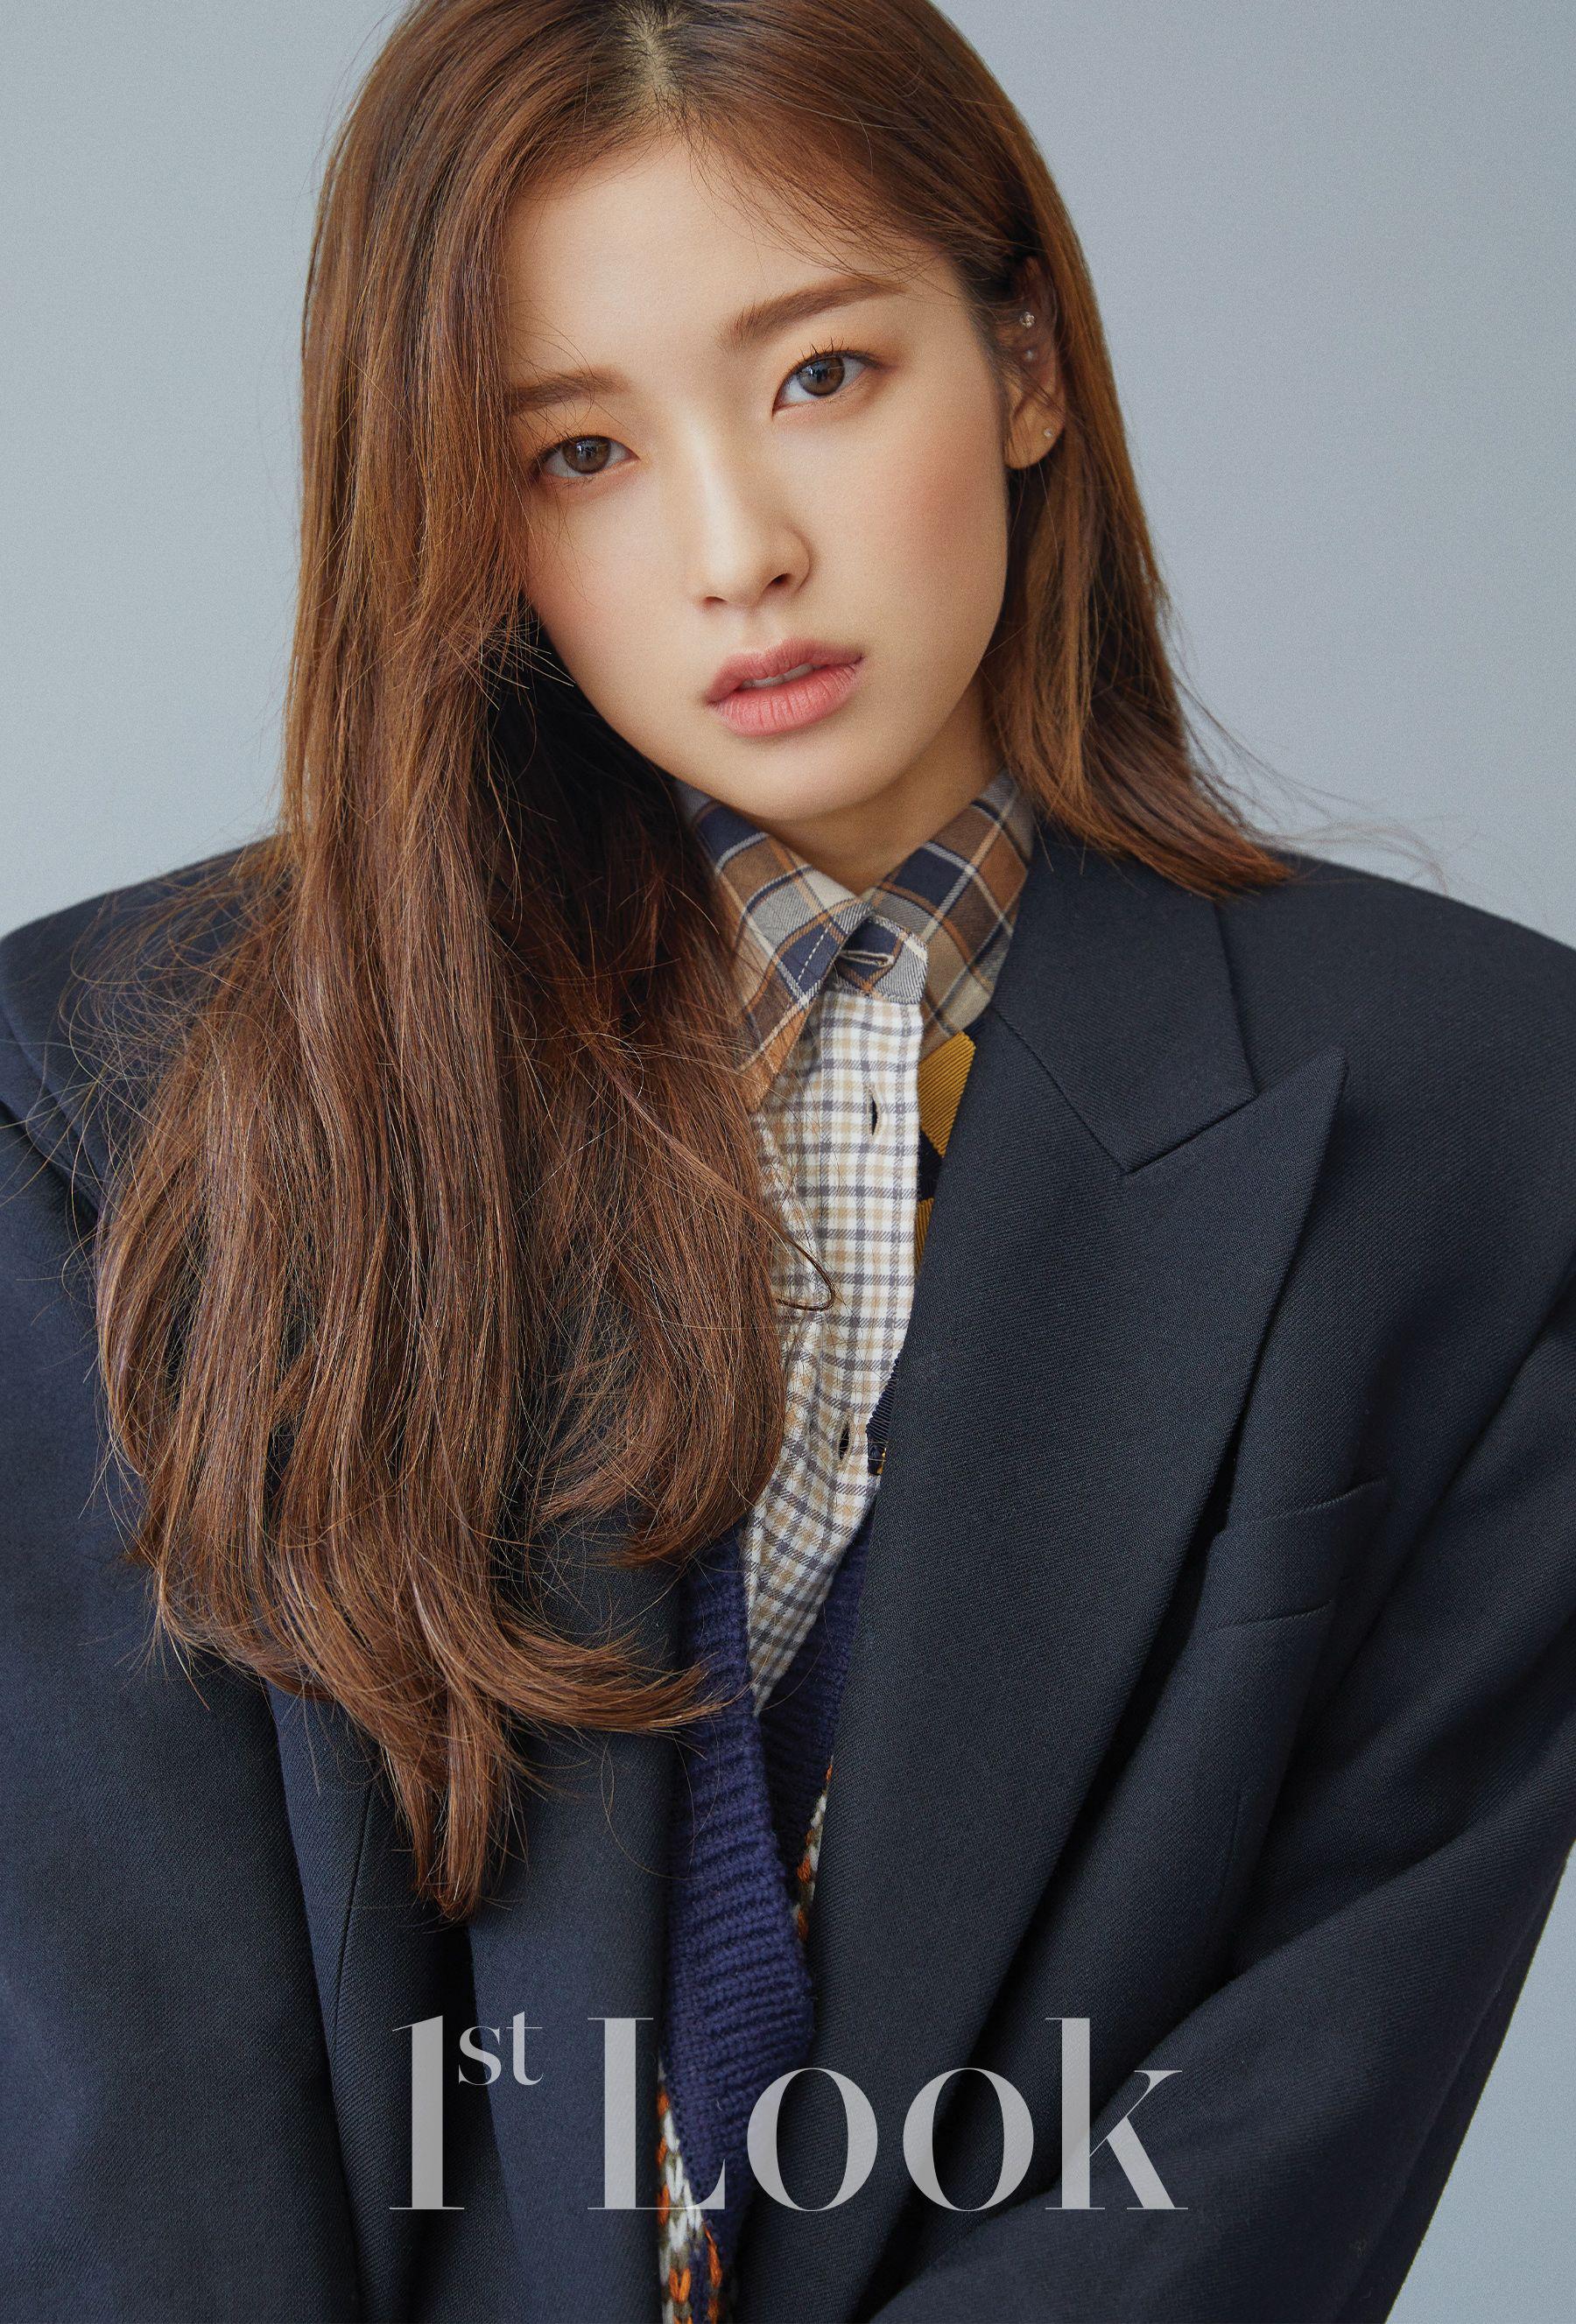 30 nữ idol Kpop hot nhất hiện nay: BLACKPINK đua top trở lại hậu comeback, thứ hạng TWICE và Red Velvet quá khó hiểu - Ảnh 3.